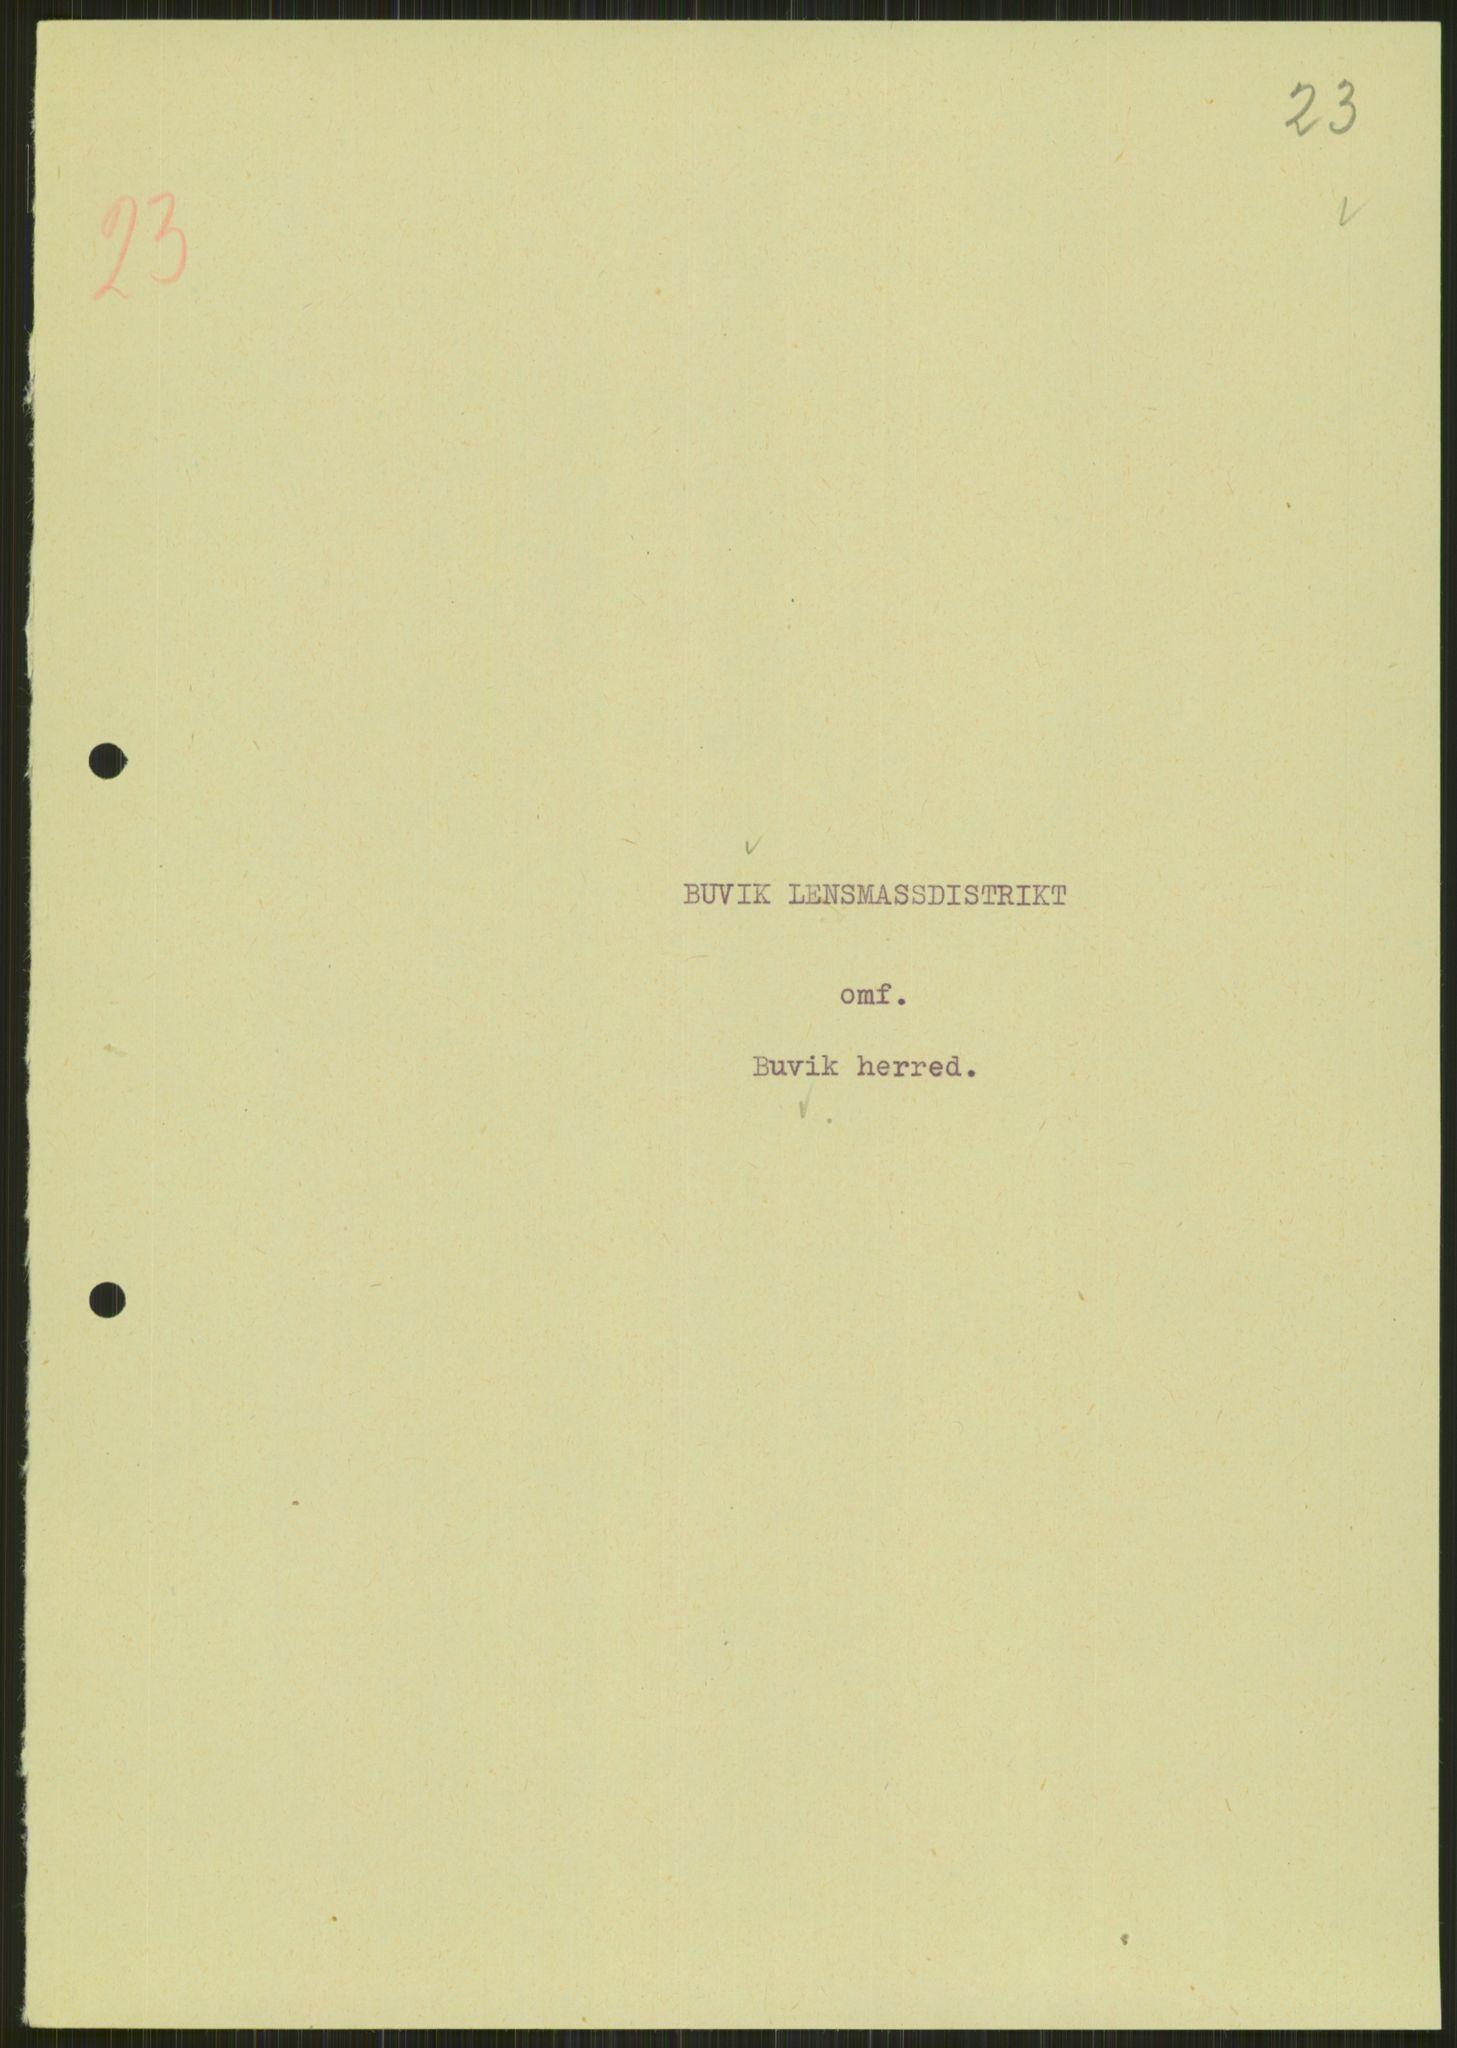 RA, Forsvaret, Forsvarets krigshistoriske avdeling, Y/Ya/L0016: II-C-11-31 - Fylkesmenn.  Rapporter om krigsbegivenhetene 1940., 1940, s. 178